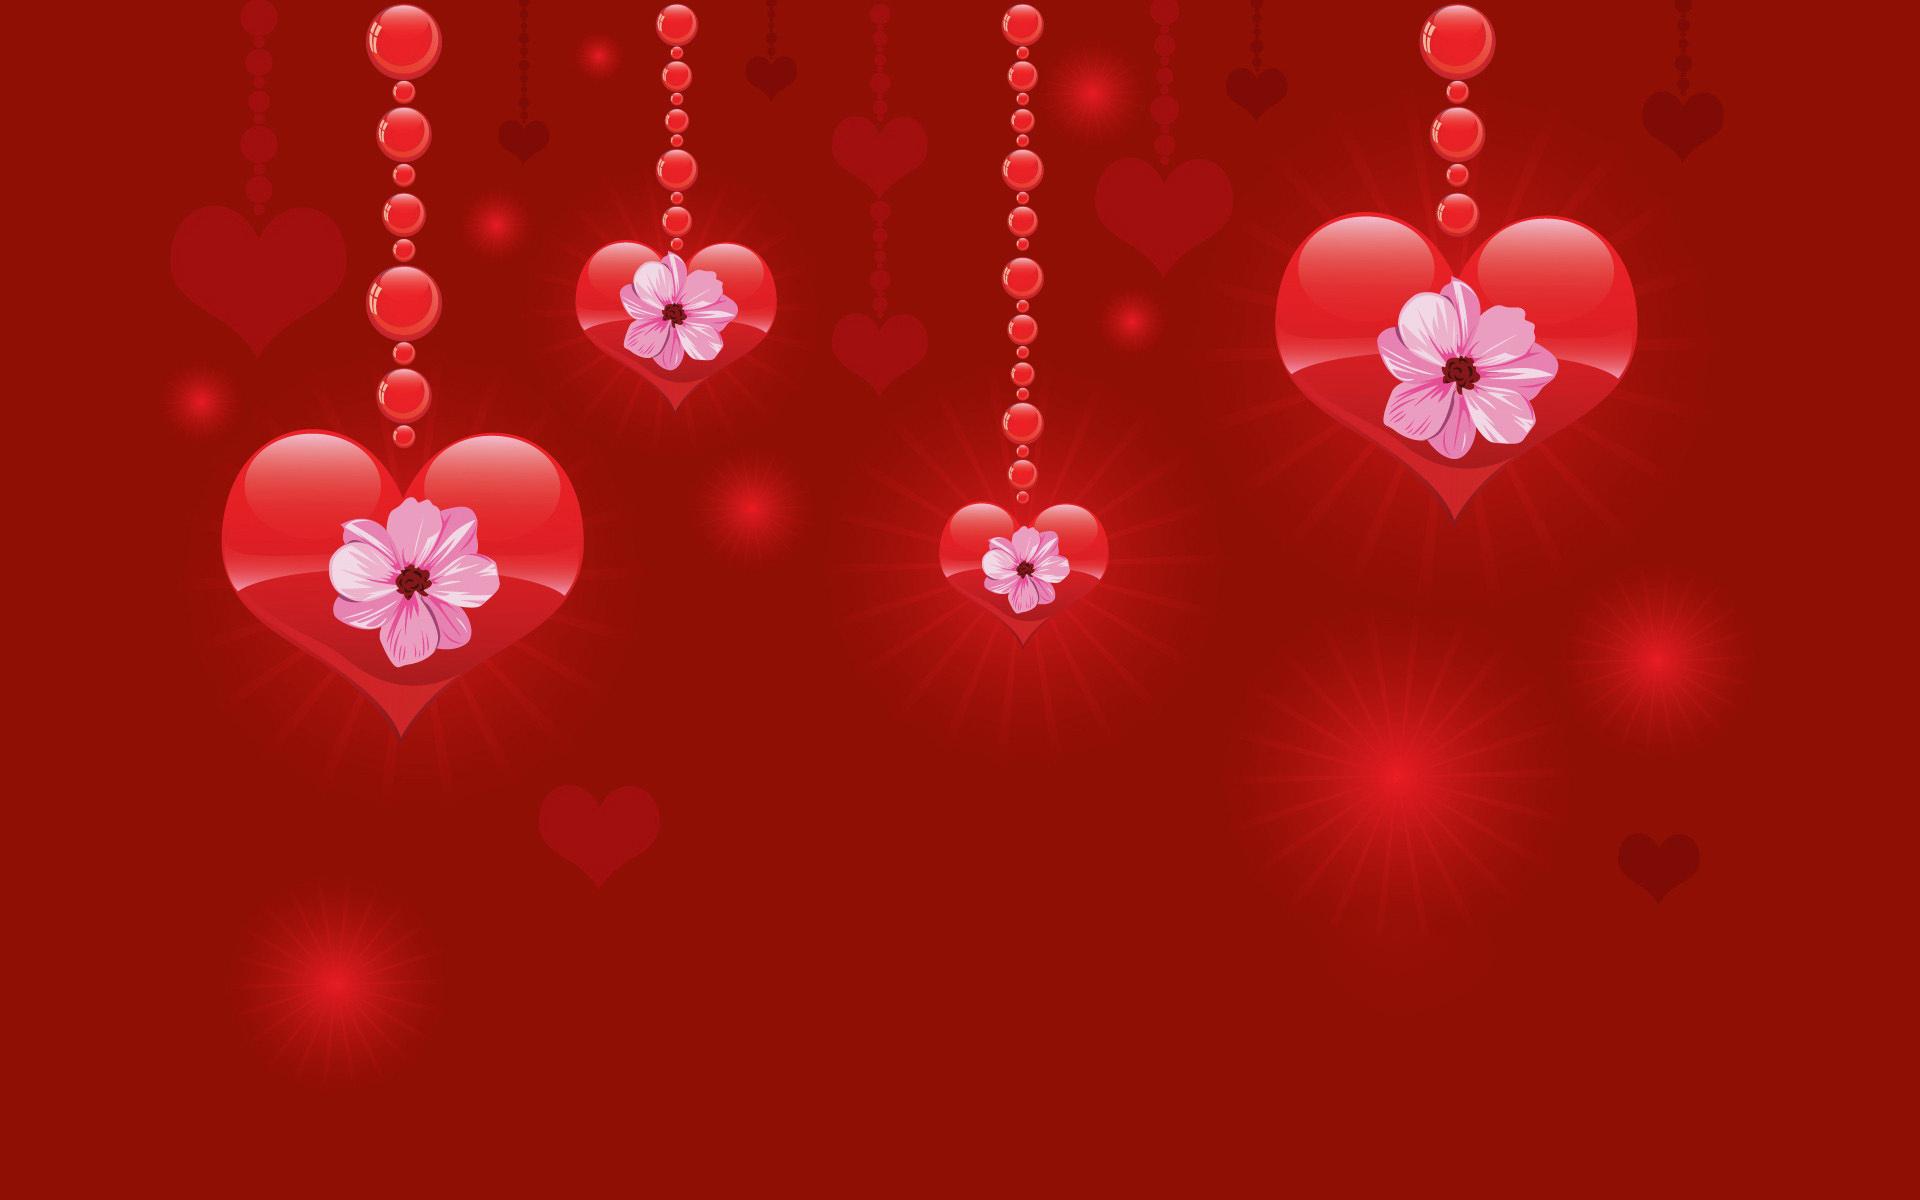 valentines day wallpaper desktop which is under the valentines day 1920x1200